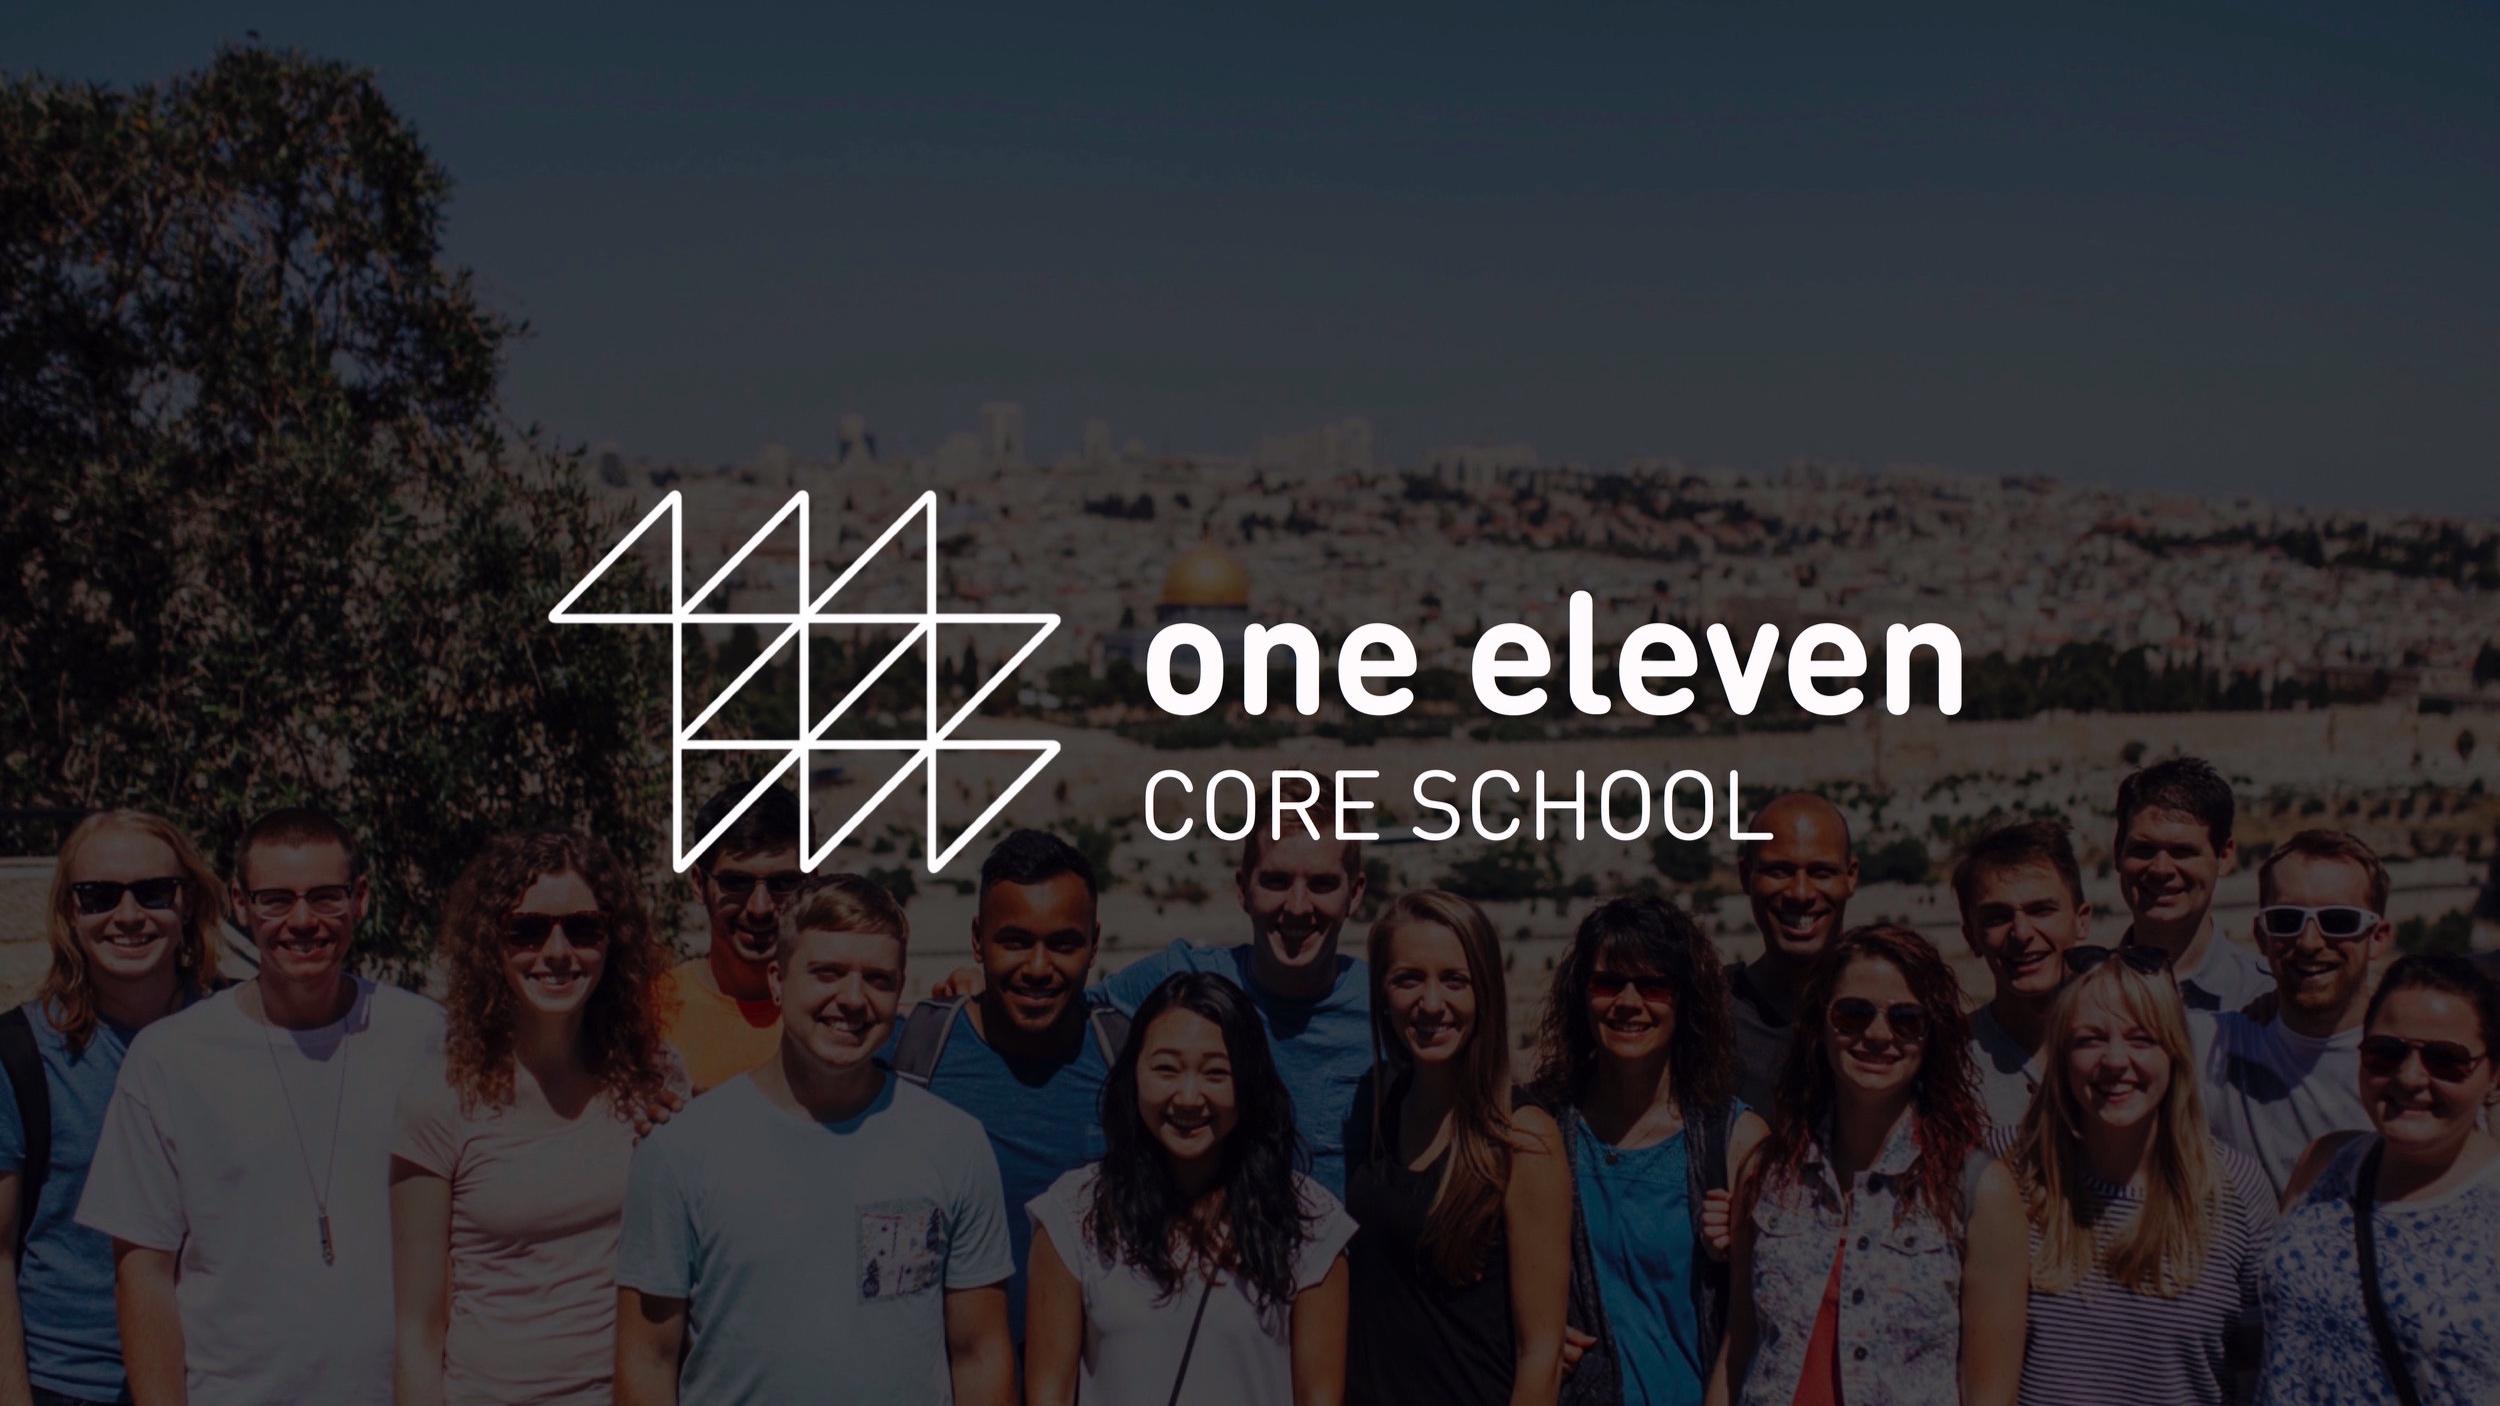 core+school+JPEG.jpg